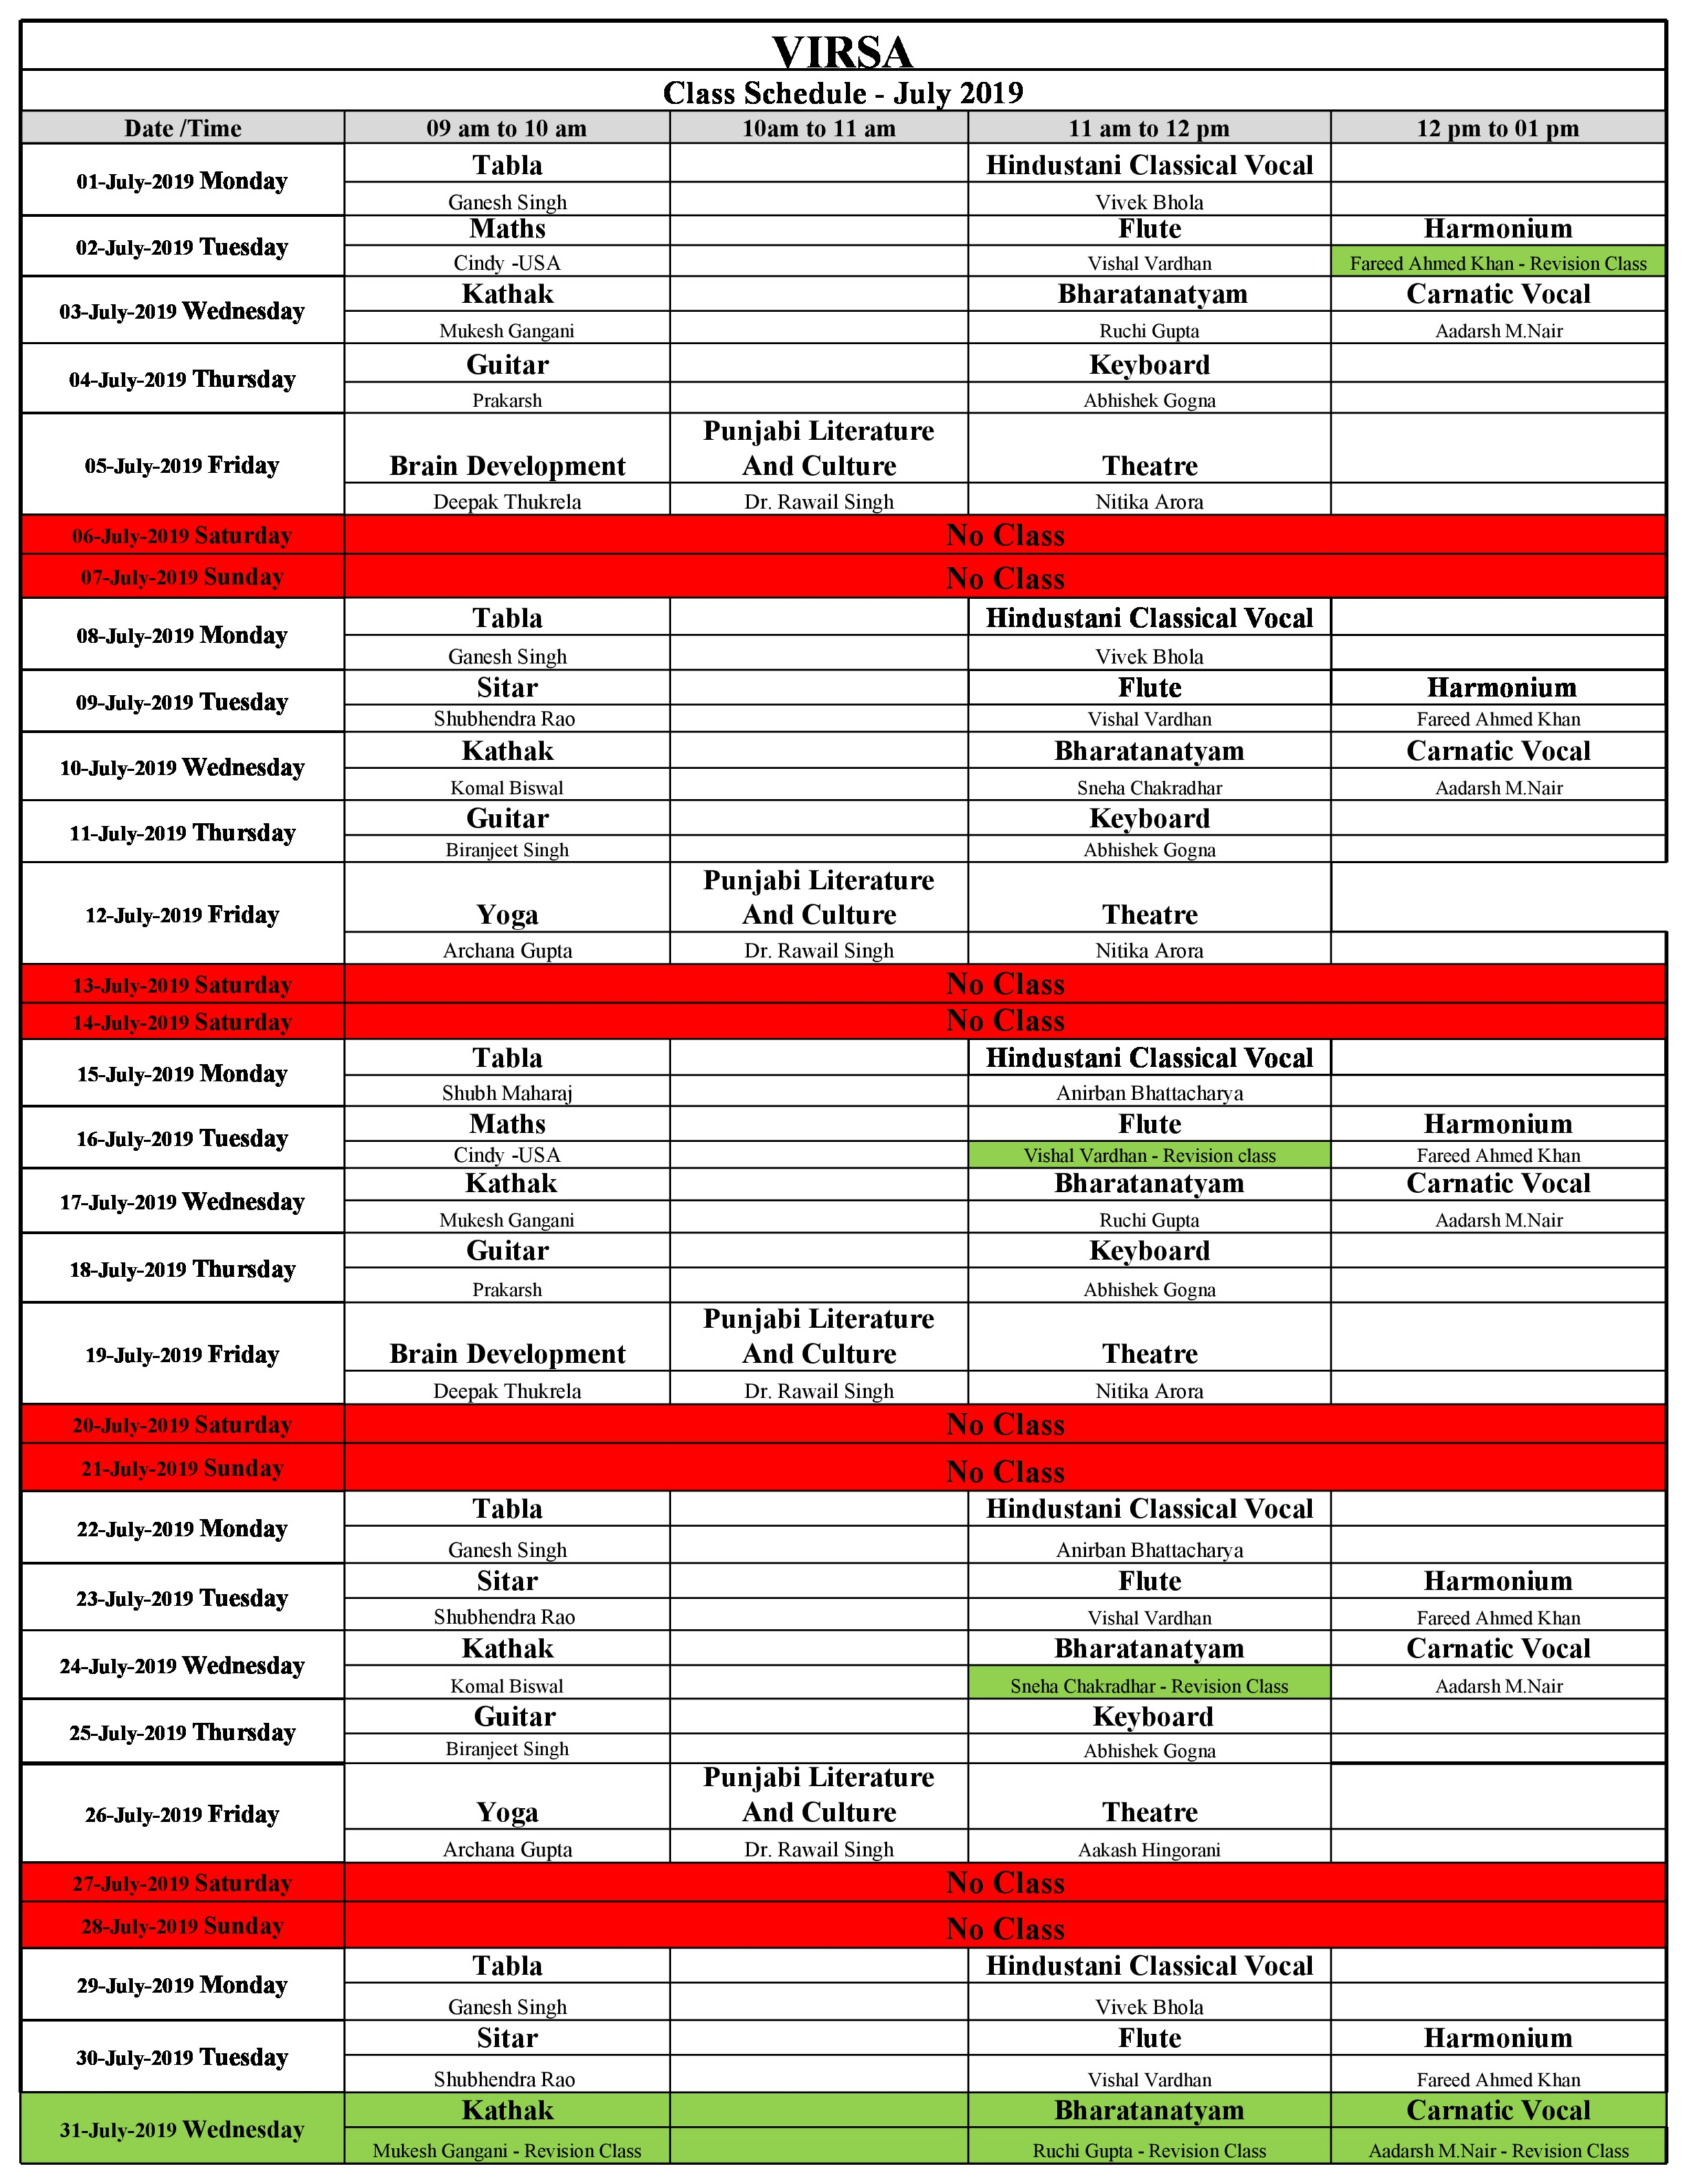 Schedule July 2019